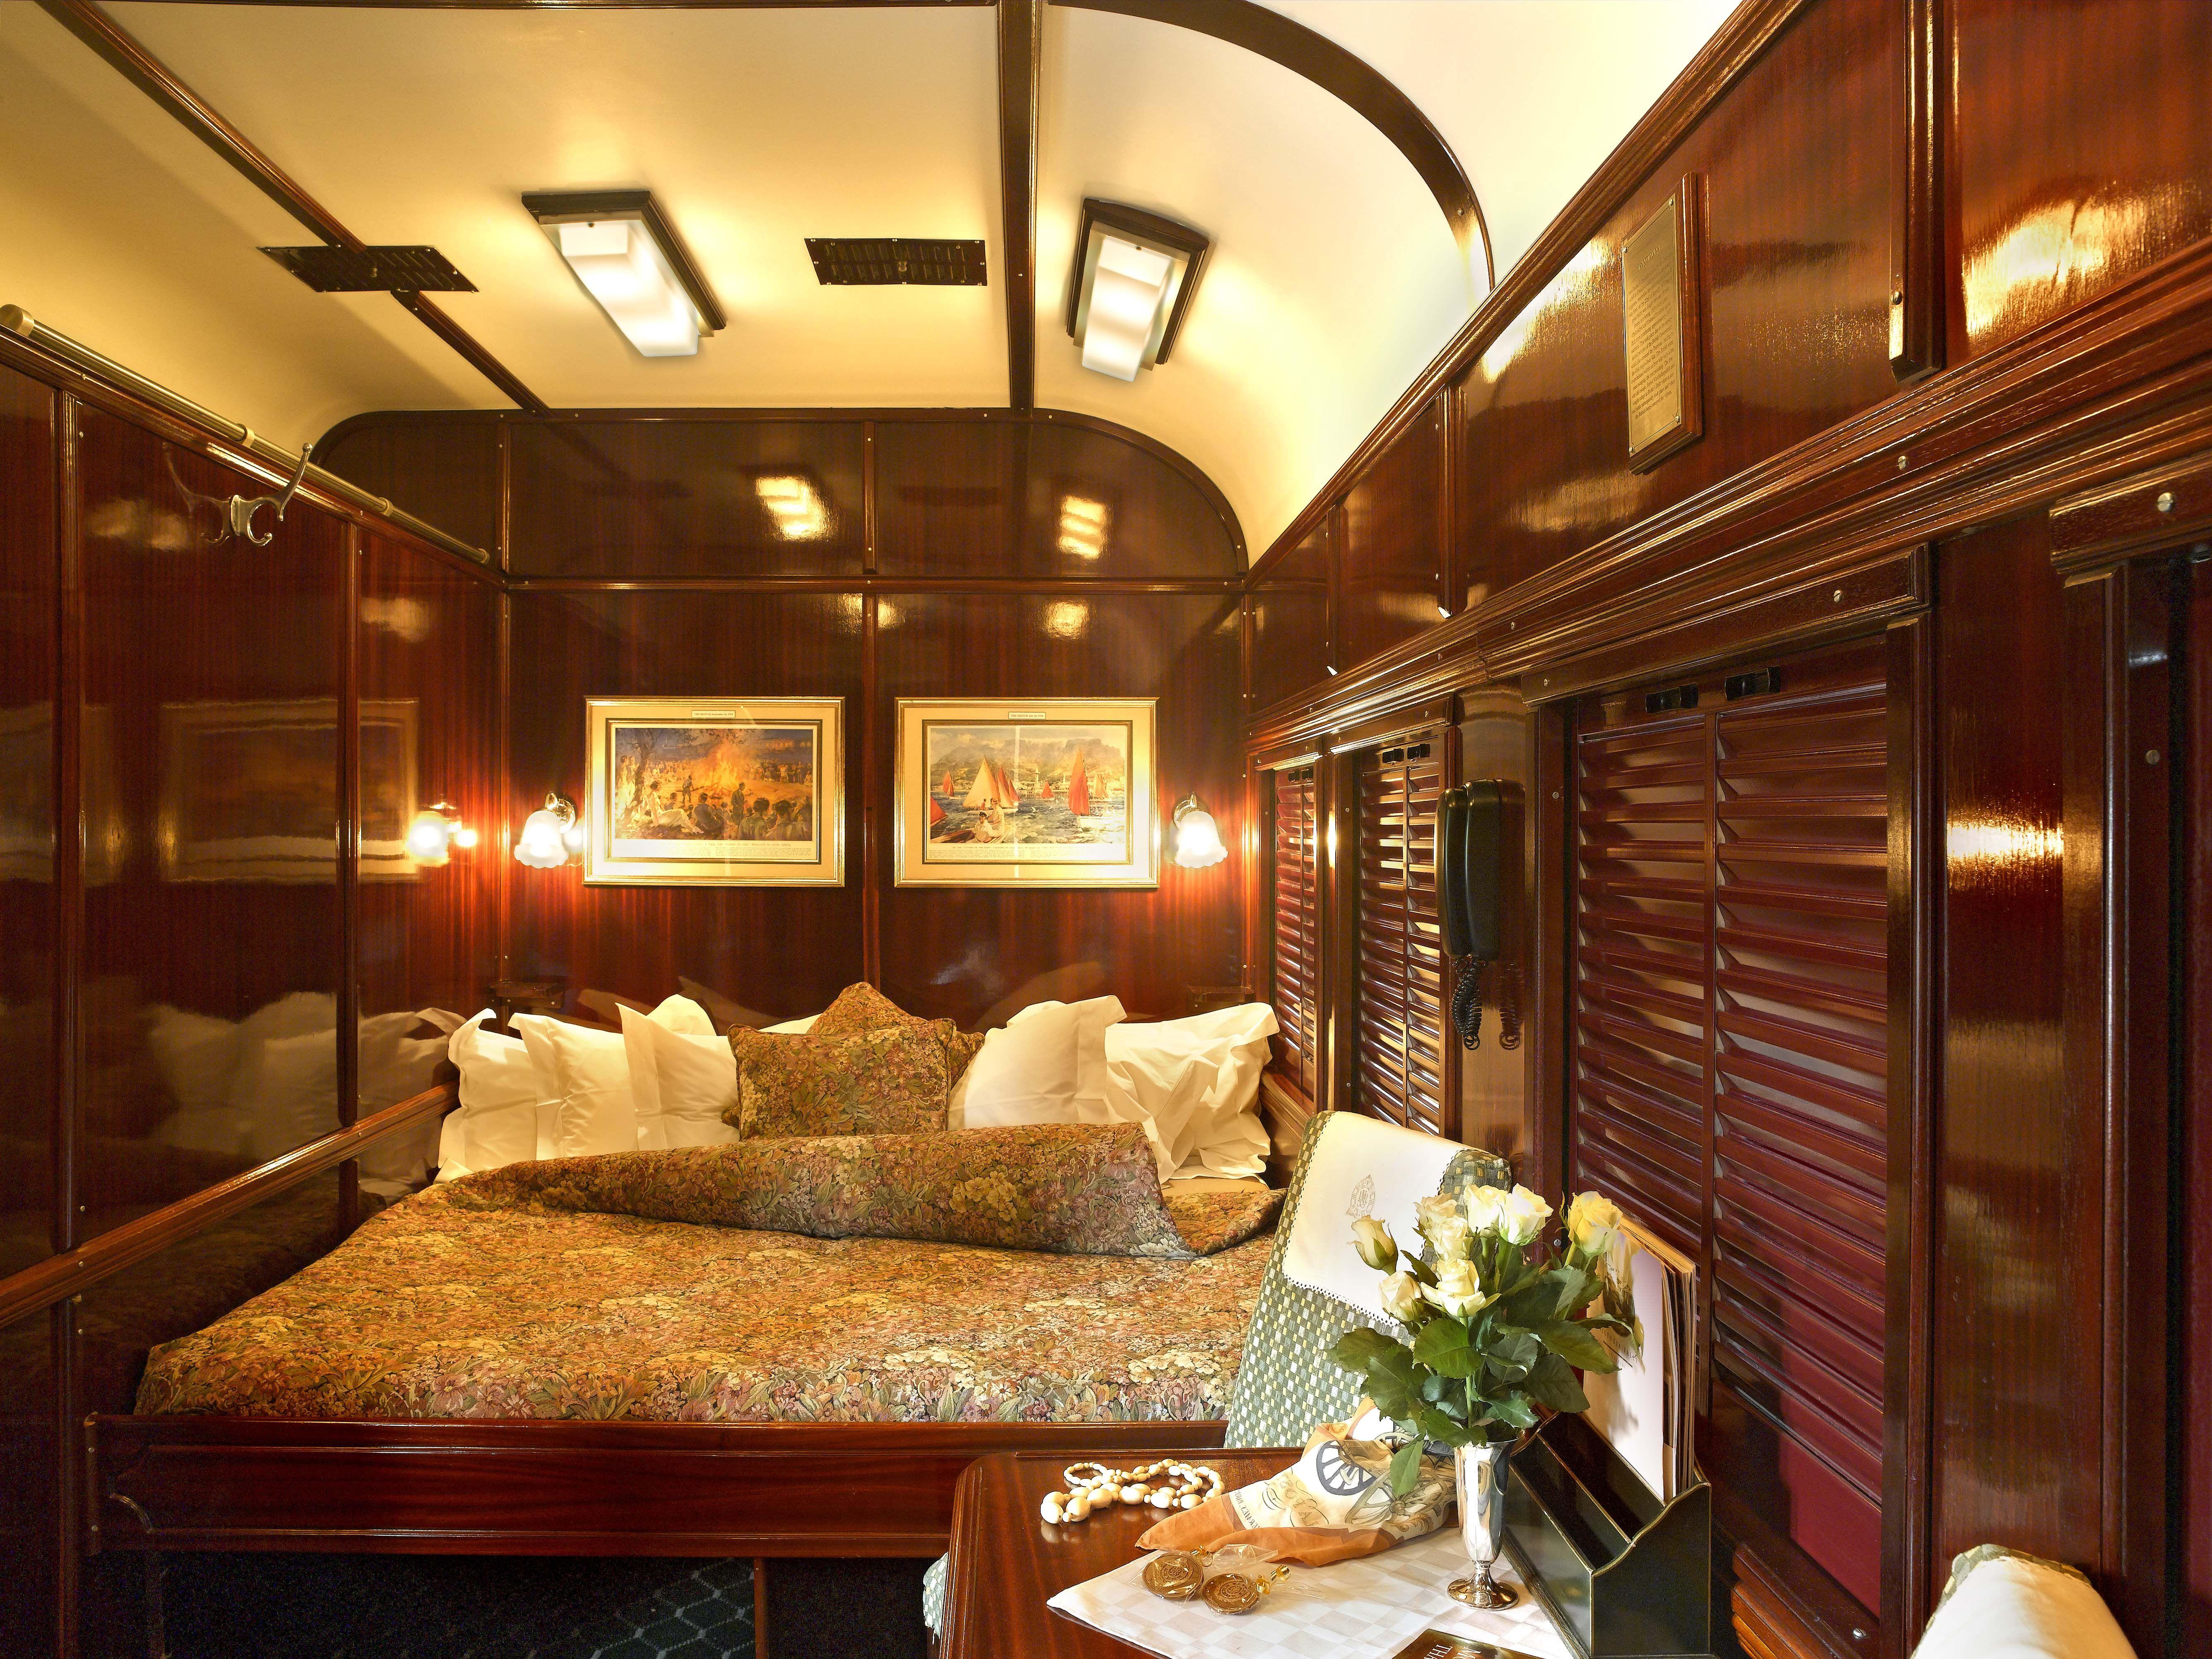 Luxury Train Club Luxury Train Train Travel Train Car